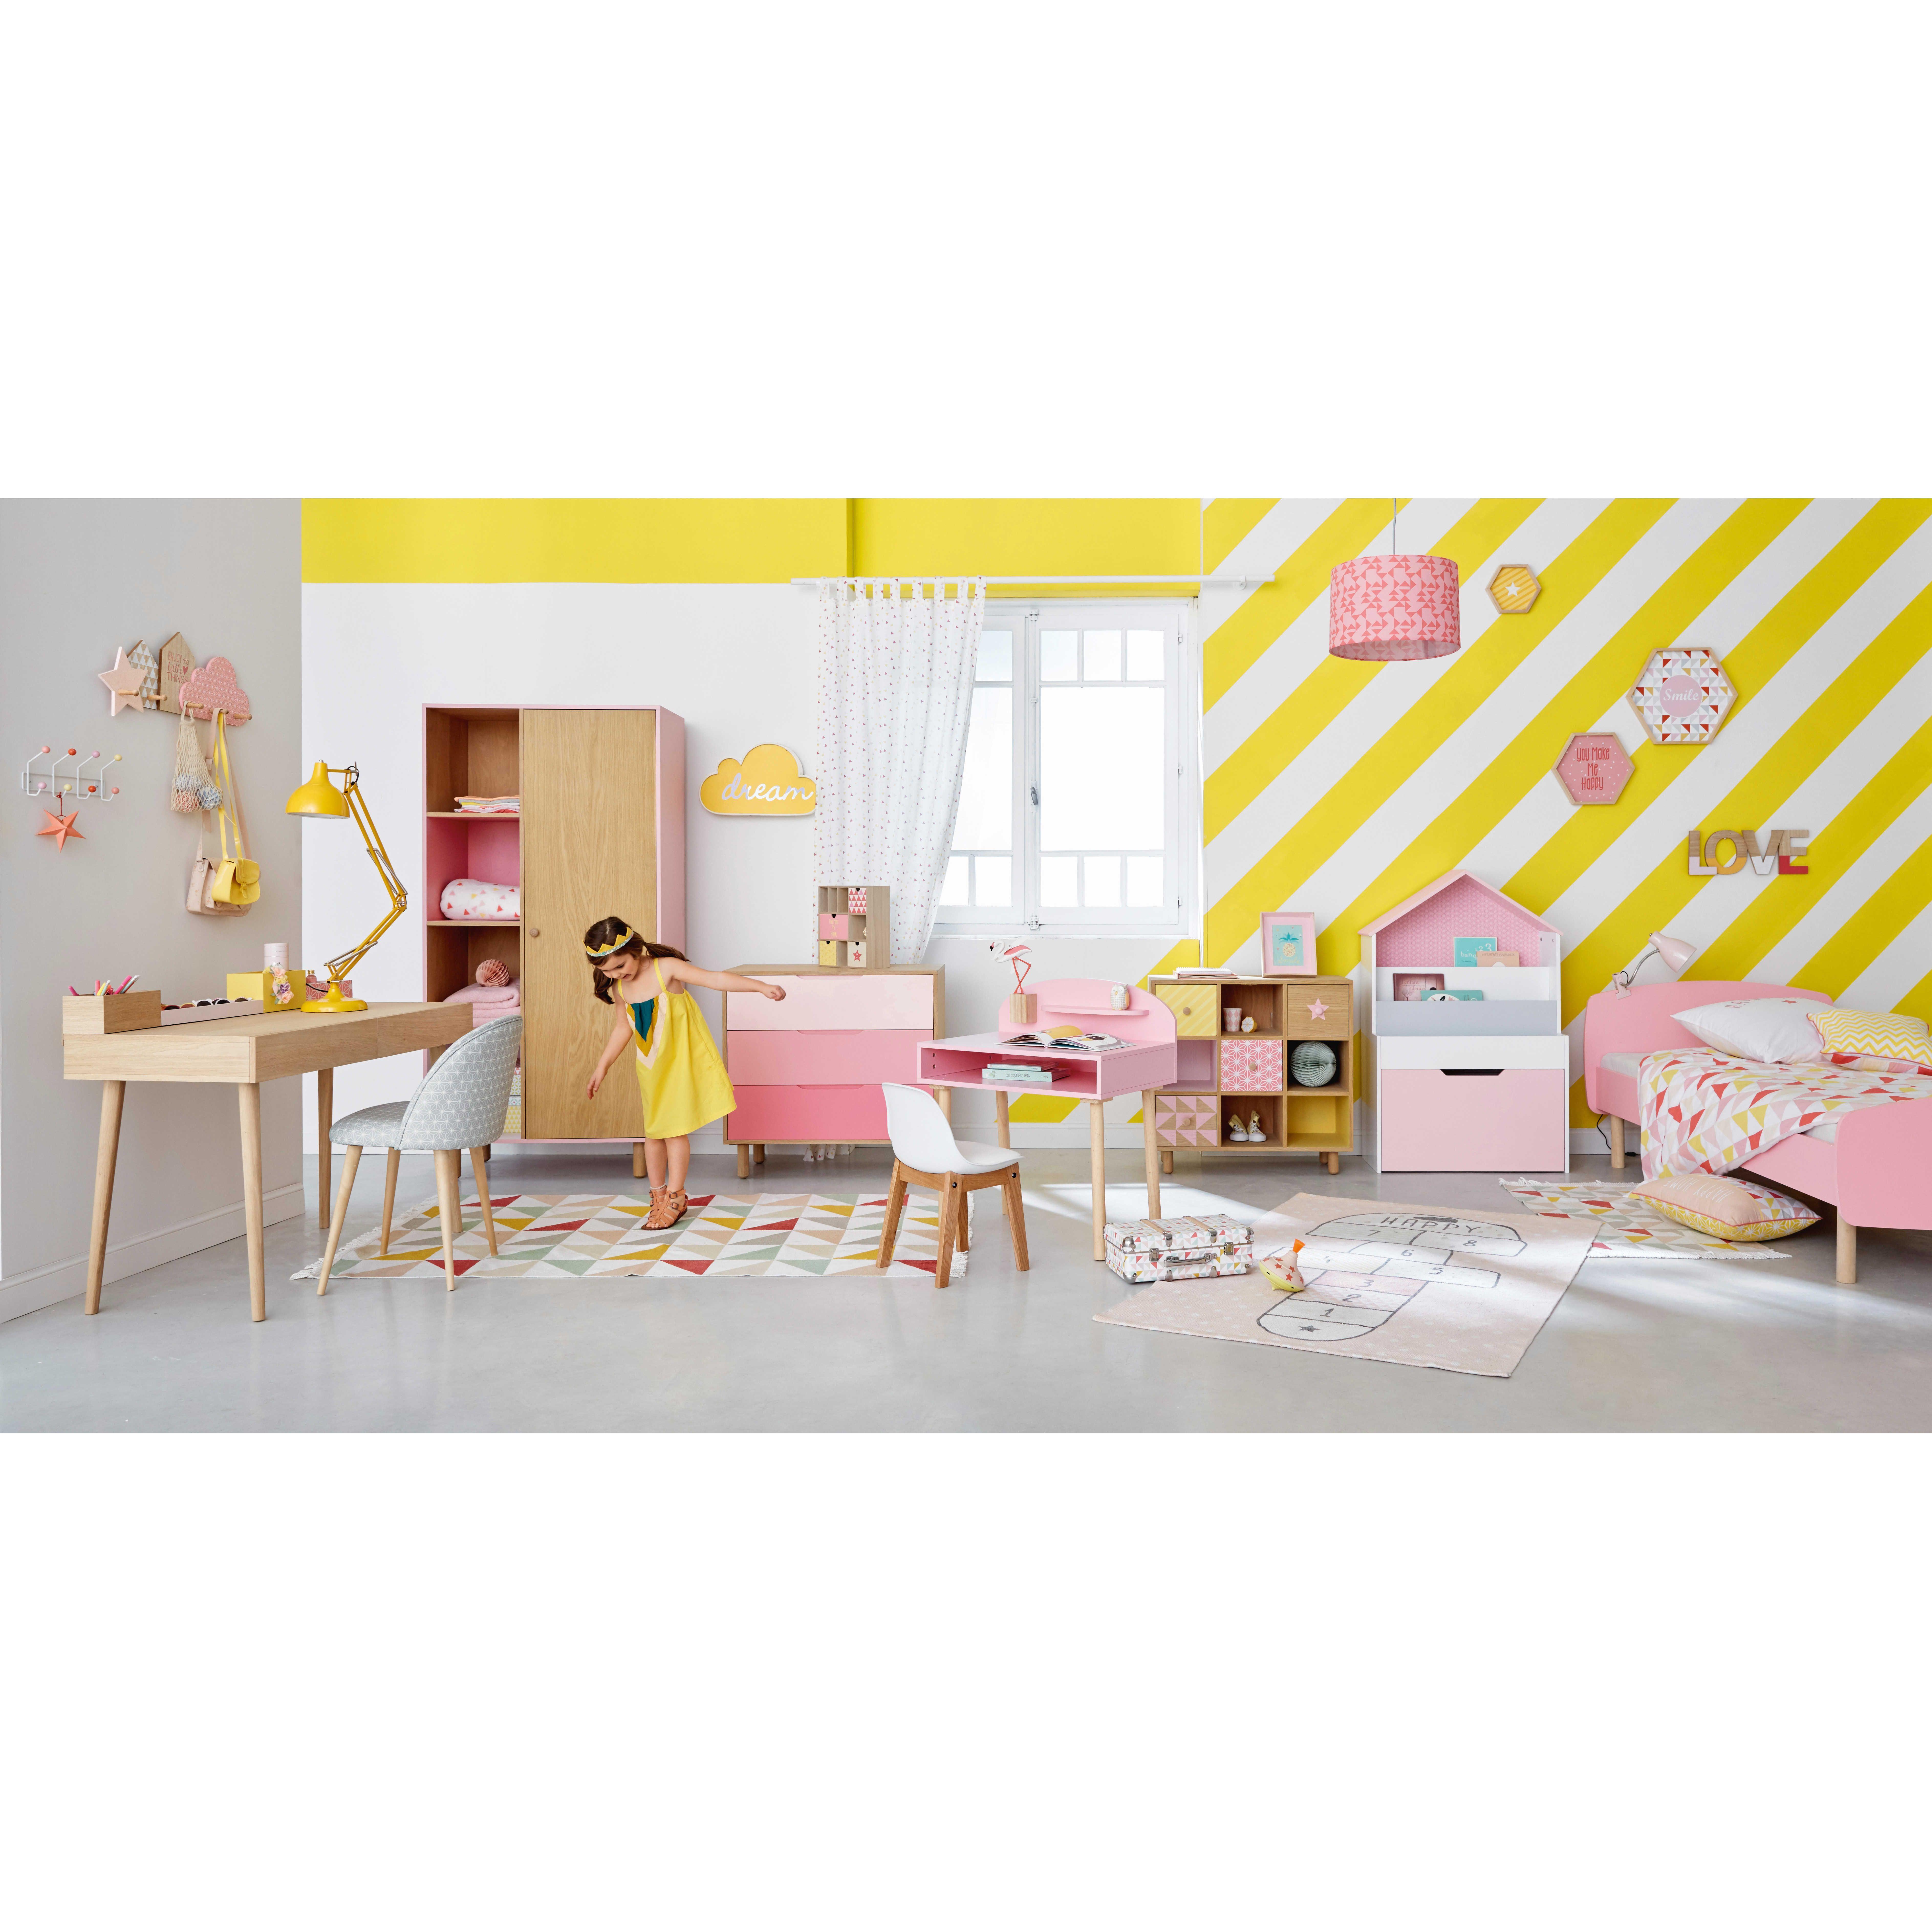 cheap bureau en bois l cm lea maisons du monde with maison lea. Black Bedroom Furniture Sets. Home Design Ideas